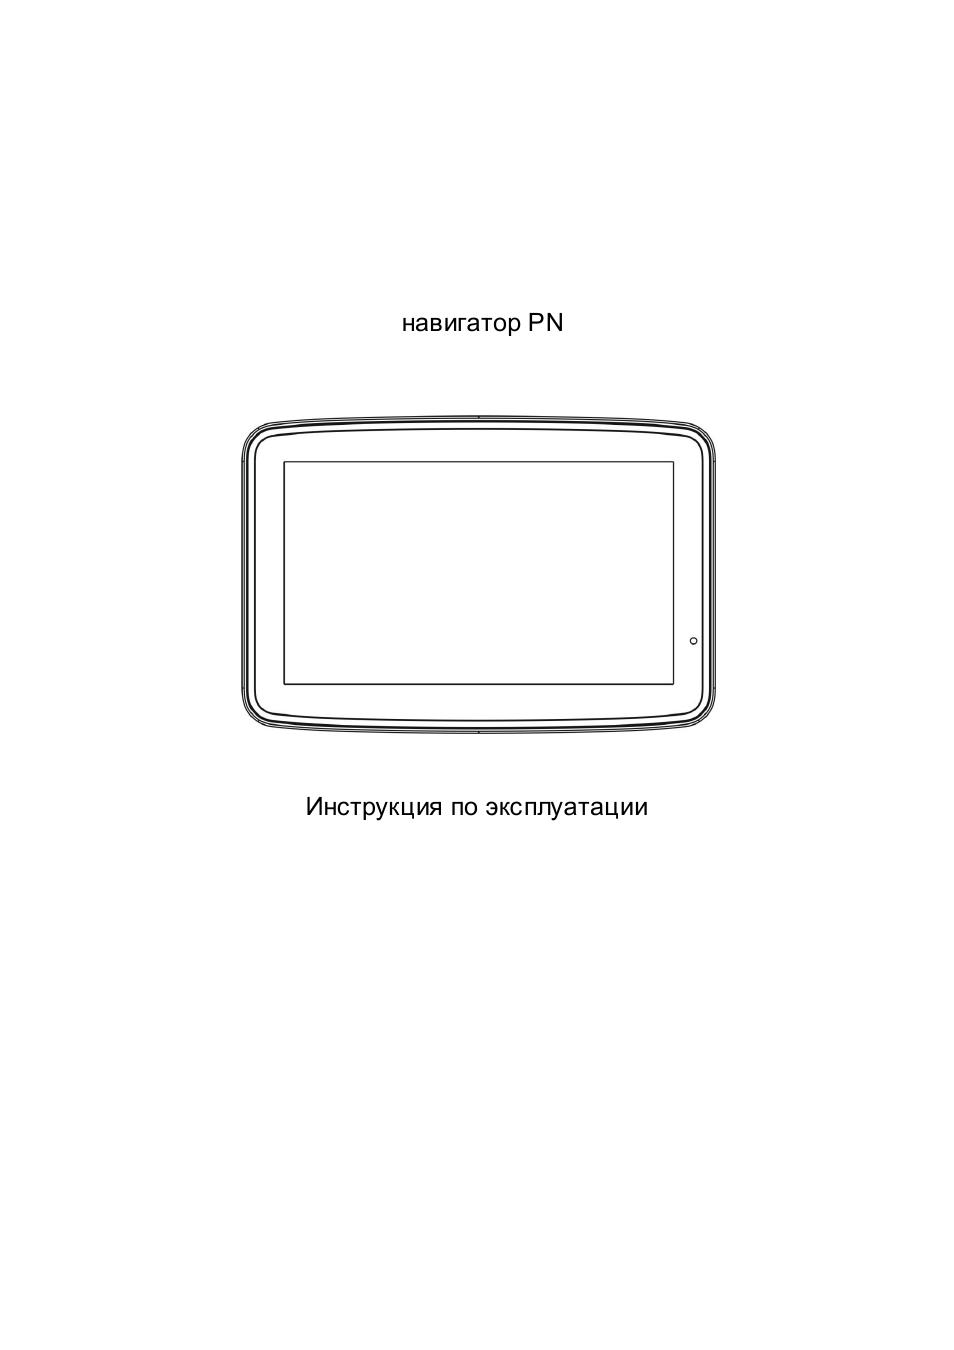 инструкция по эксплуатации навигатора explay pn 935